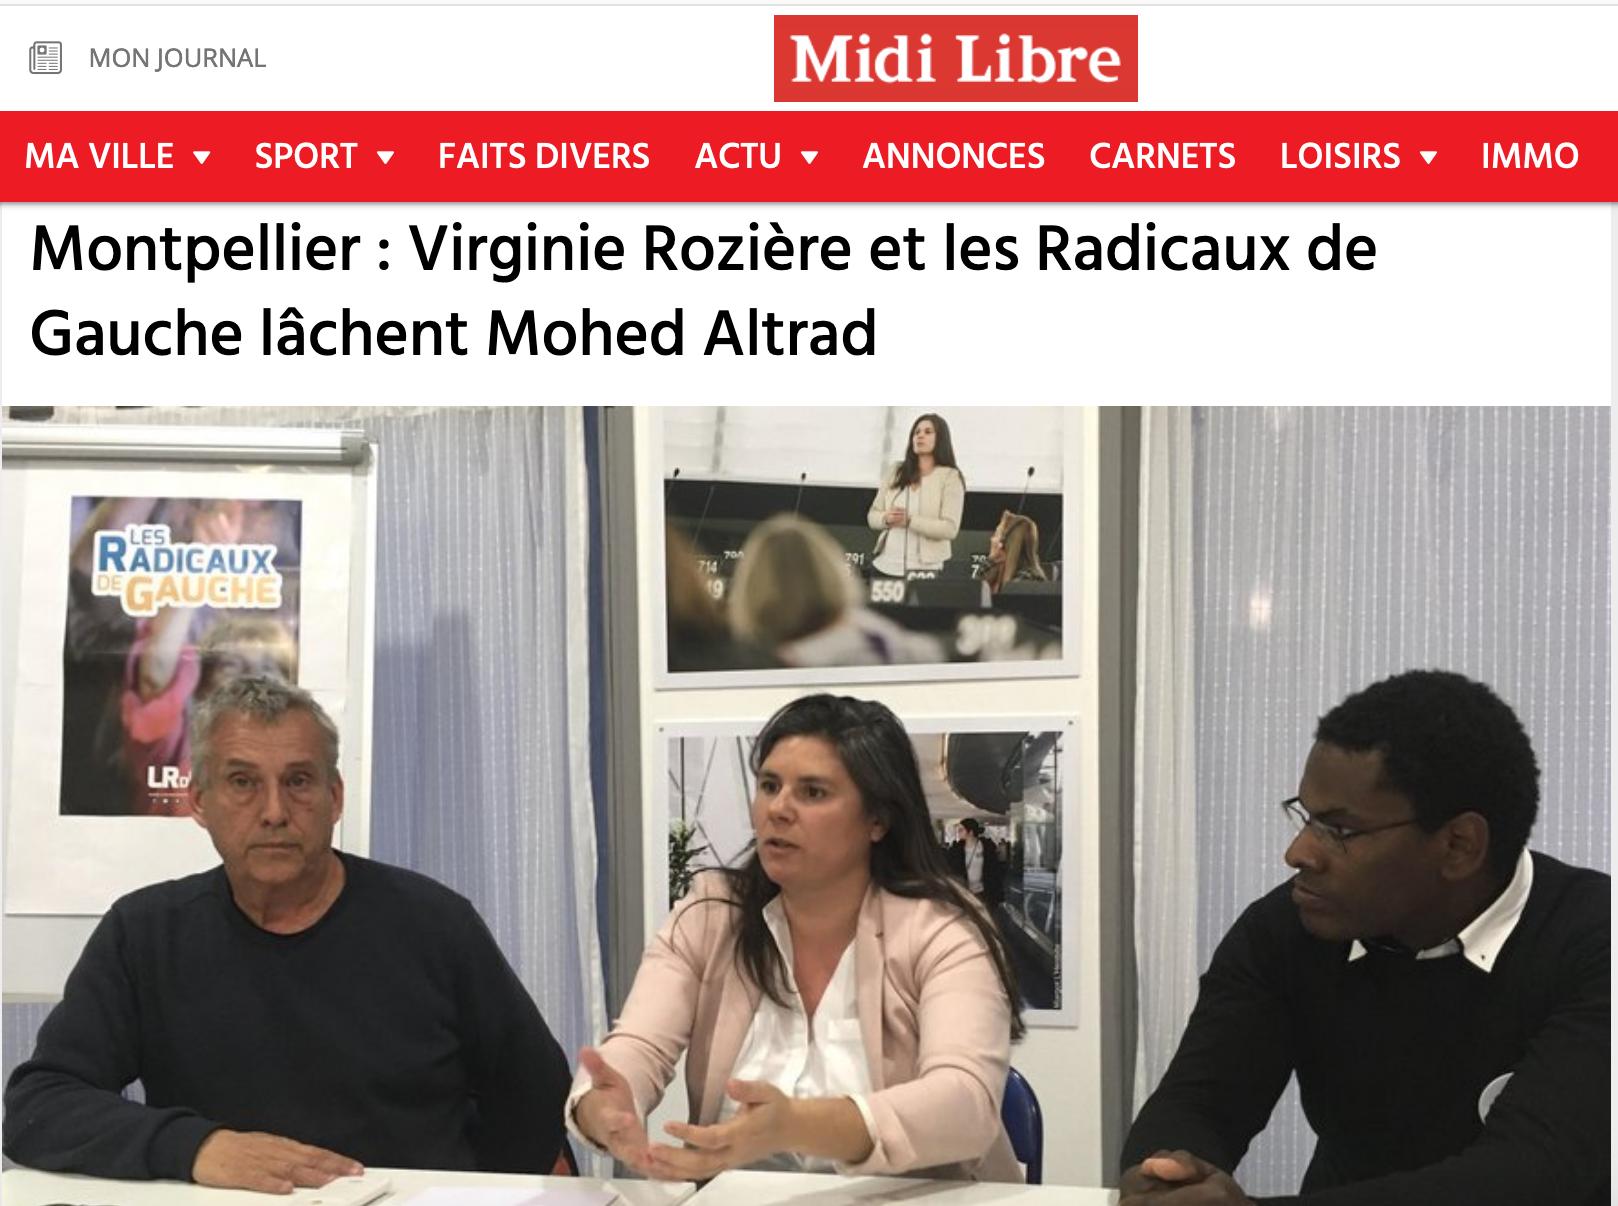 Midi Libre Virginie Rozière quitte la liste de mohed Altrad